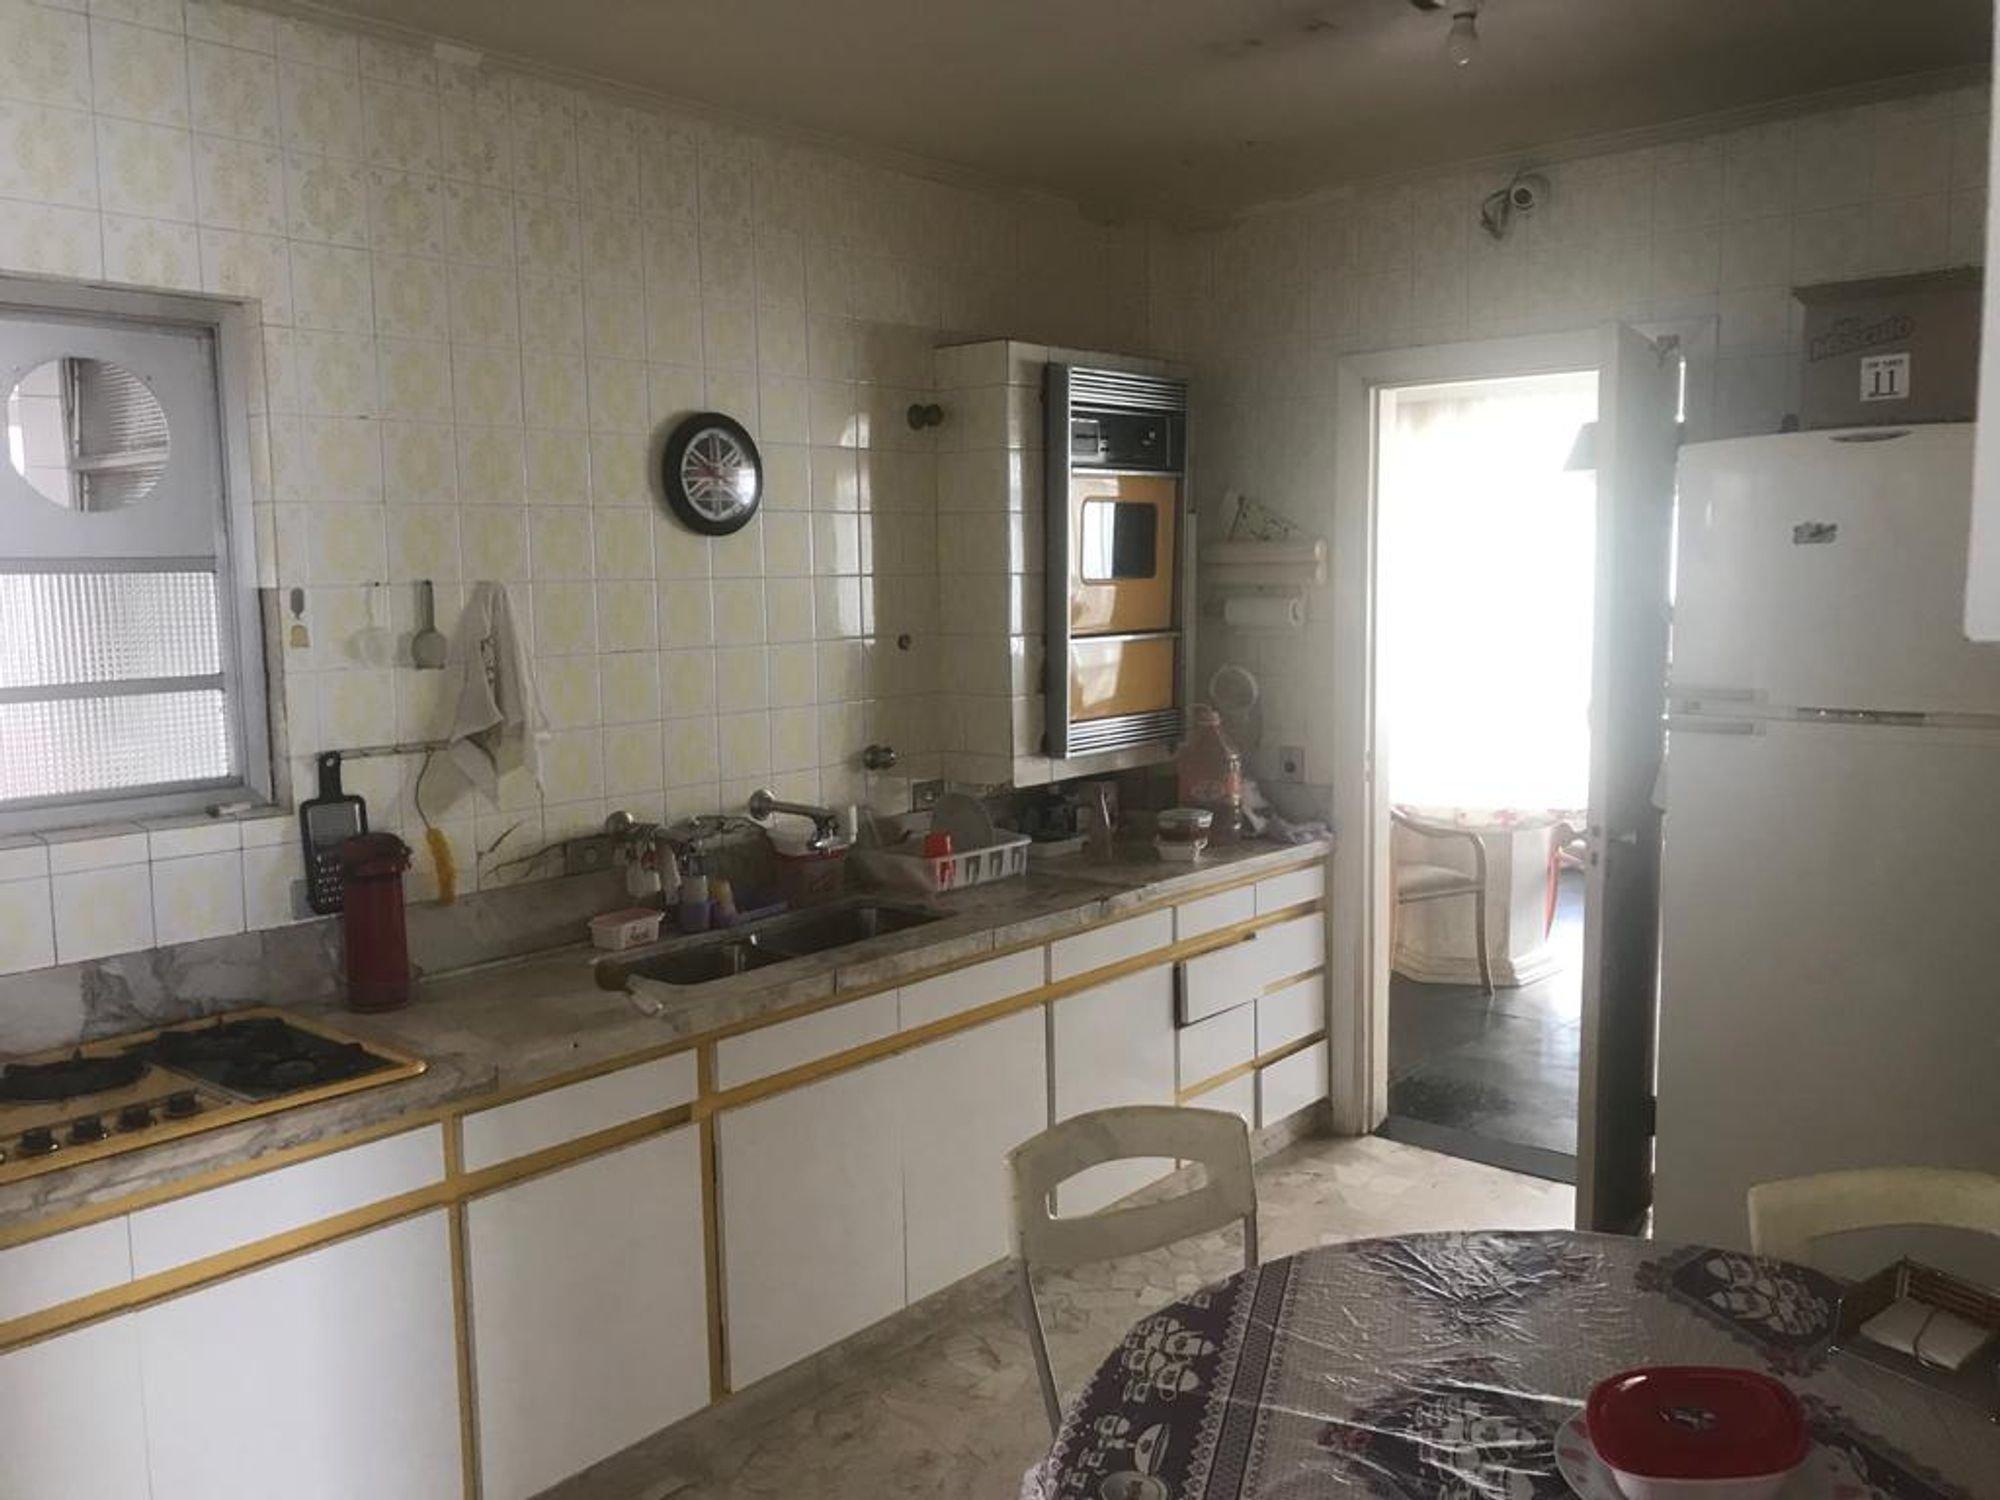 Foto de Cozinha com cadeira, pia, mesa de jantar, relógio, tigela, geladeira, xícara